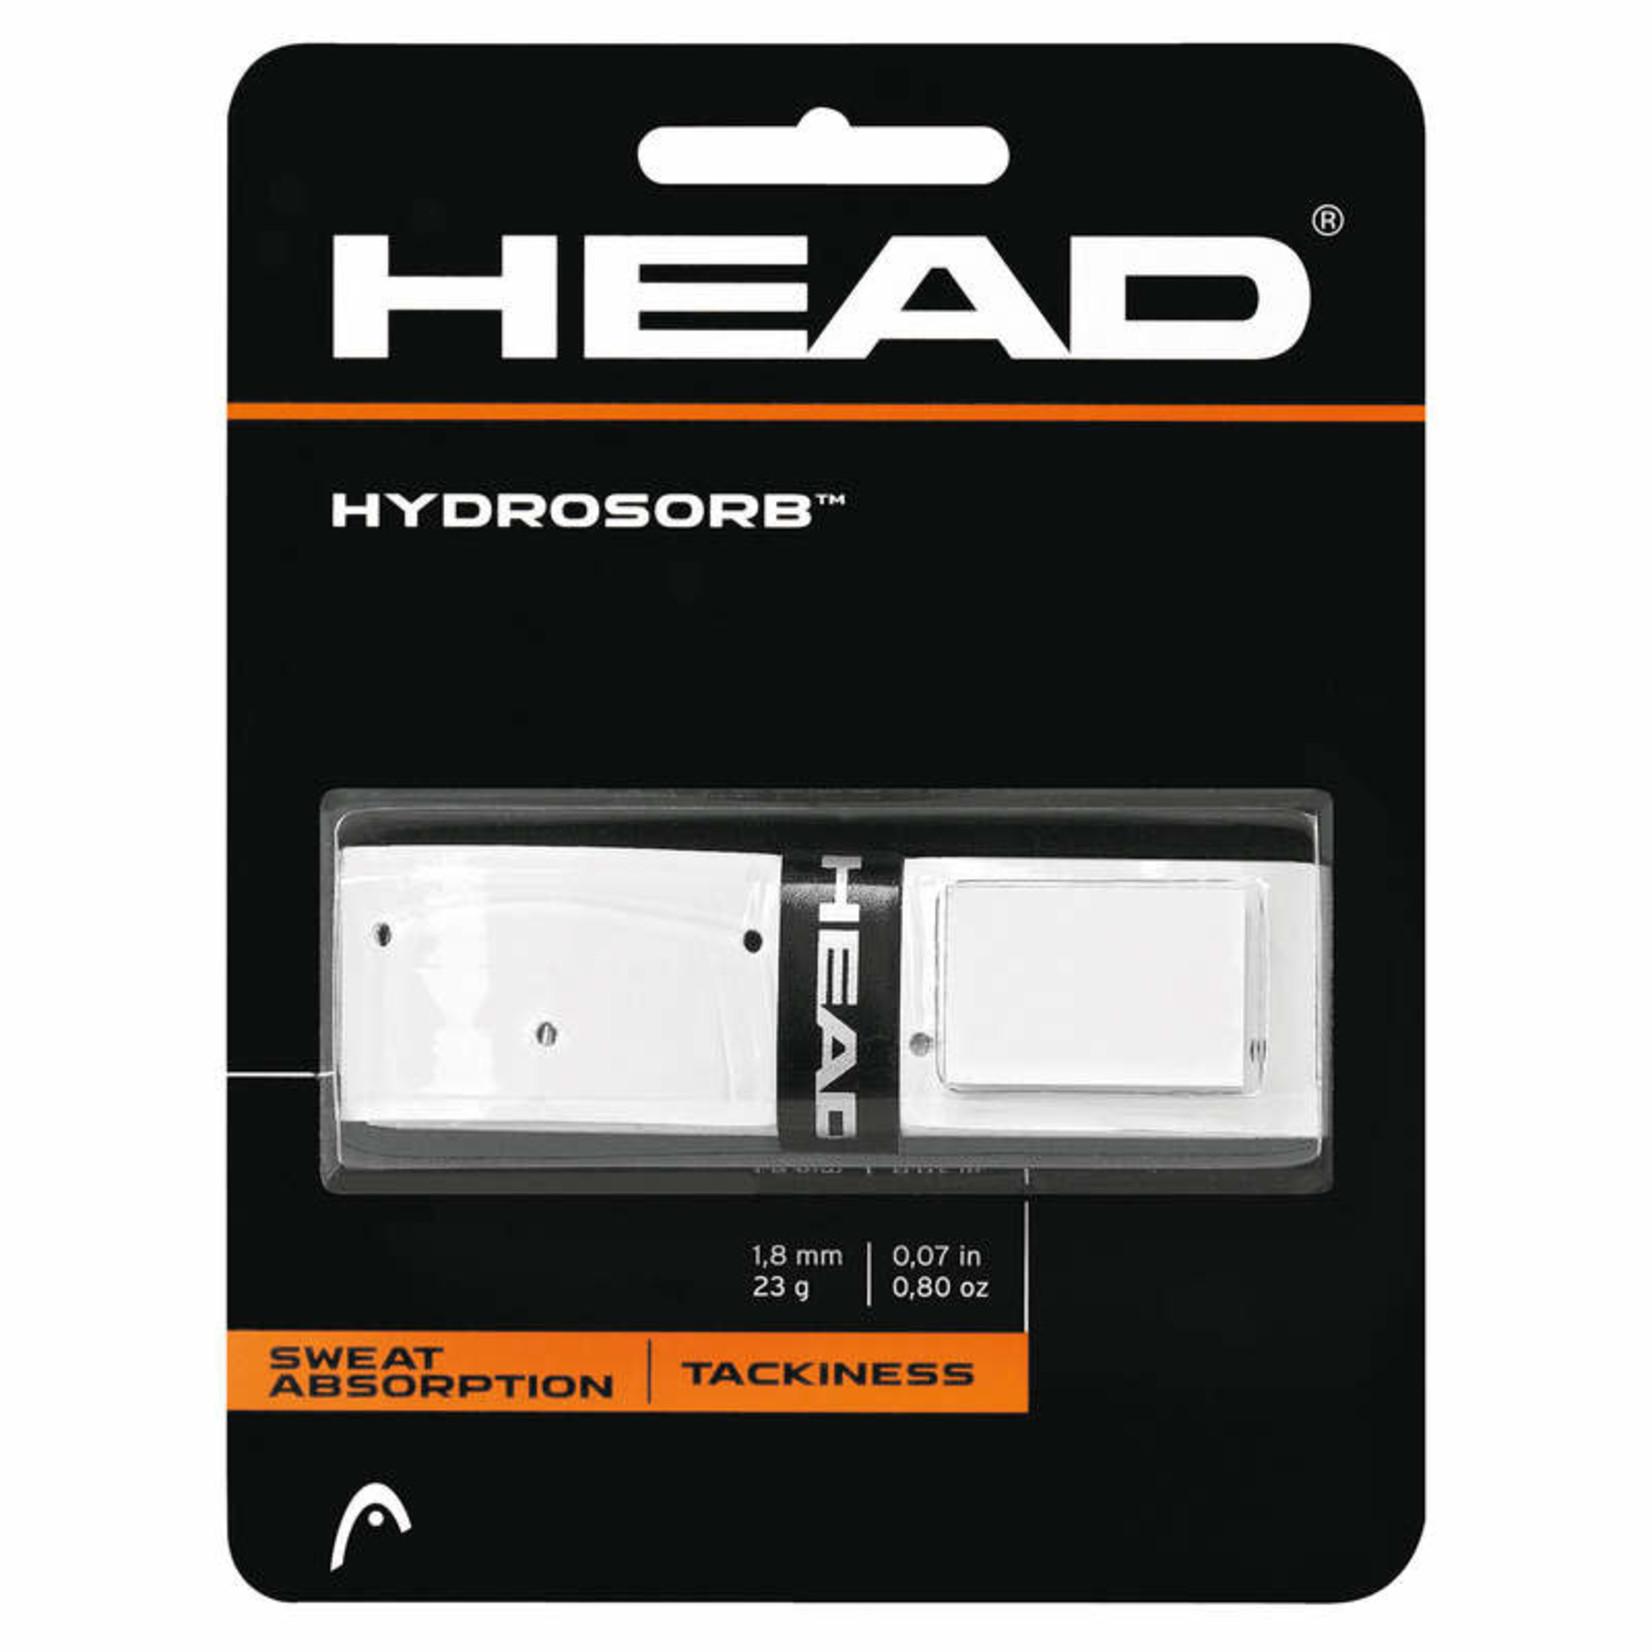 Head Hydrosorb grip